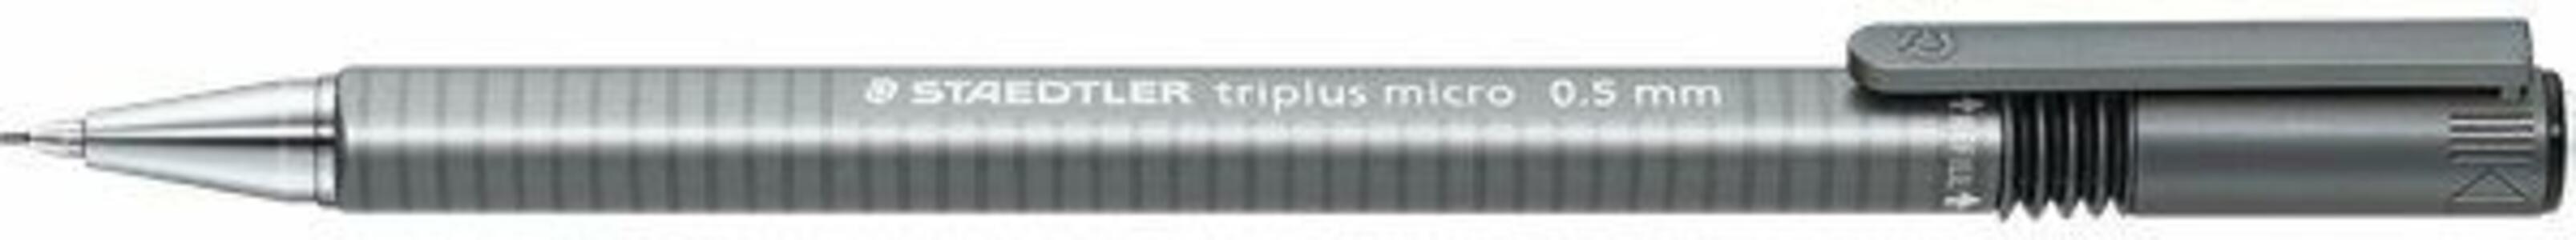 Matita portamine Staedtler Triplus Micro grigio punta 0,5 mm